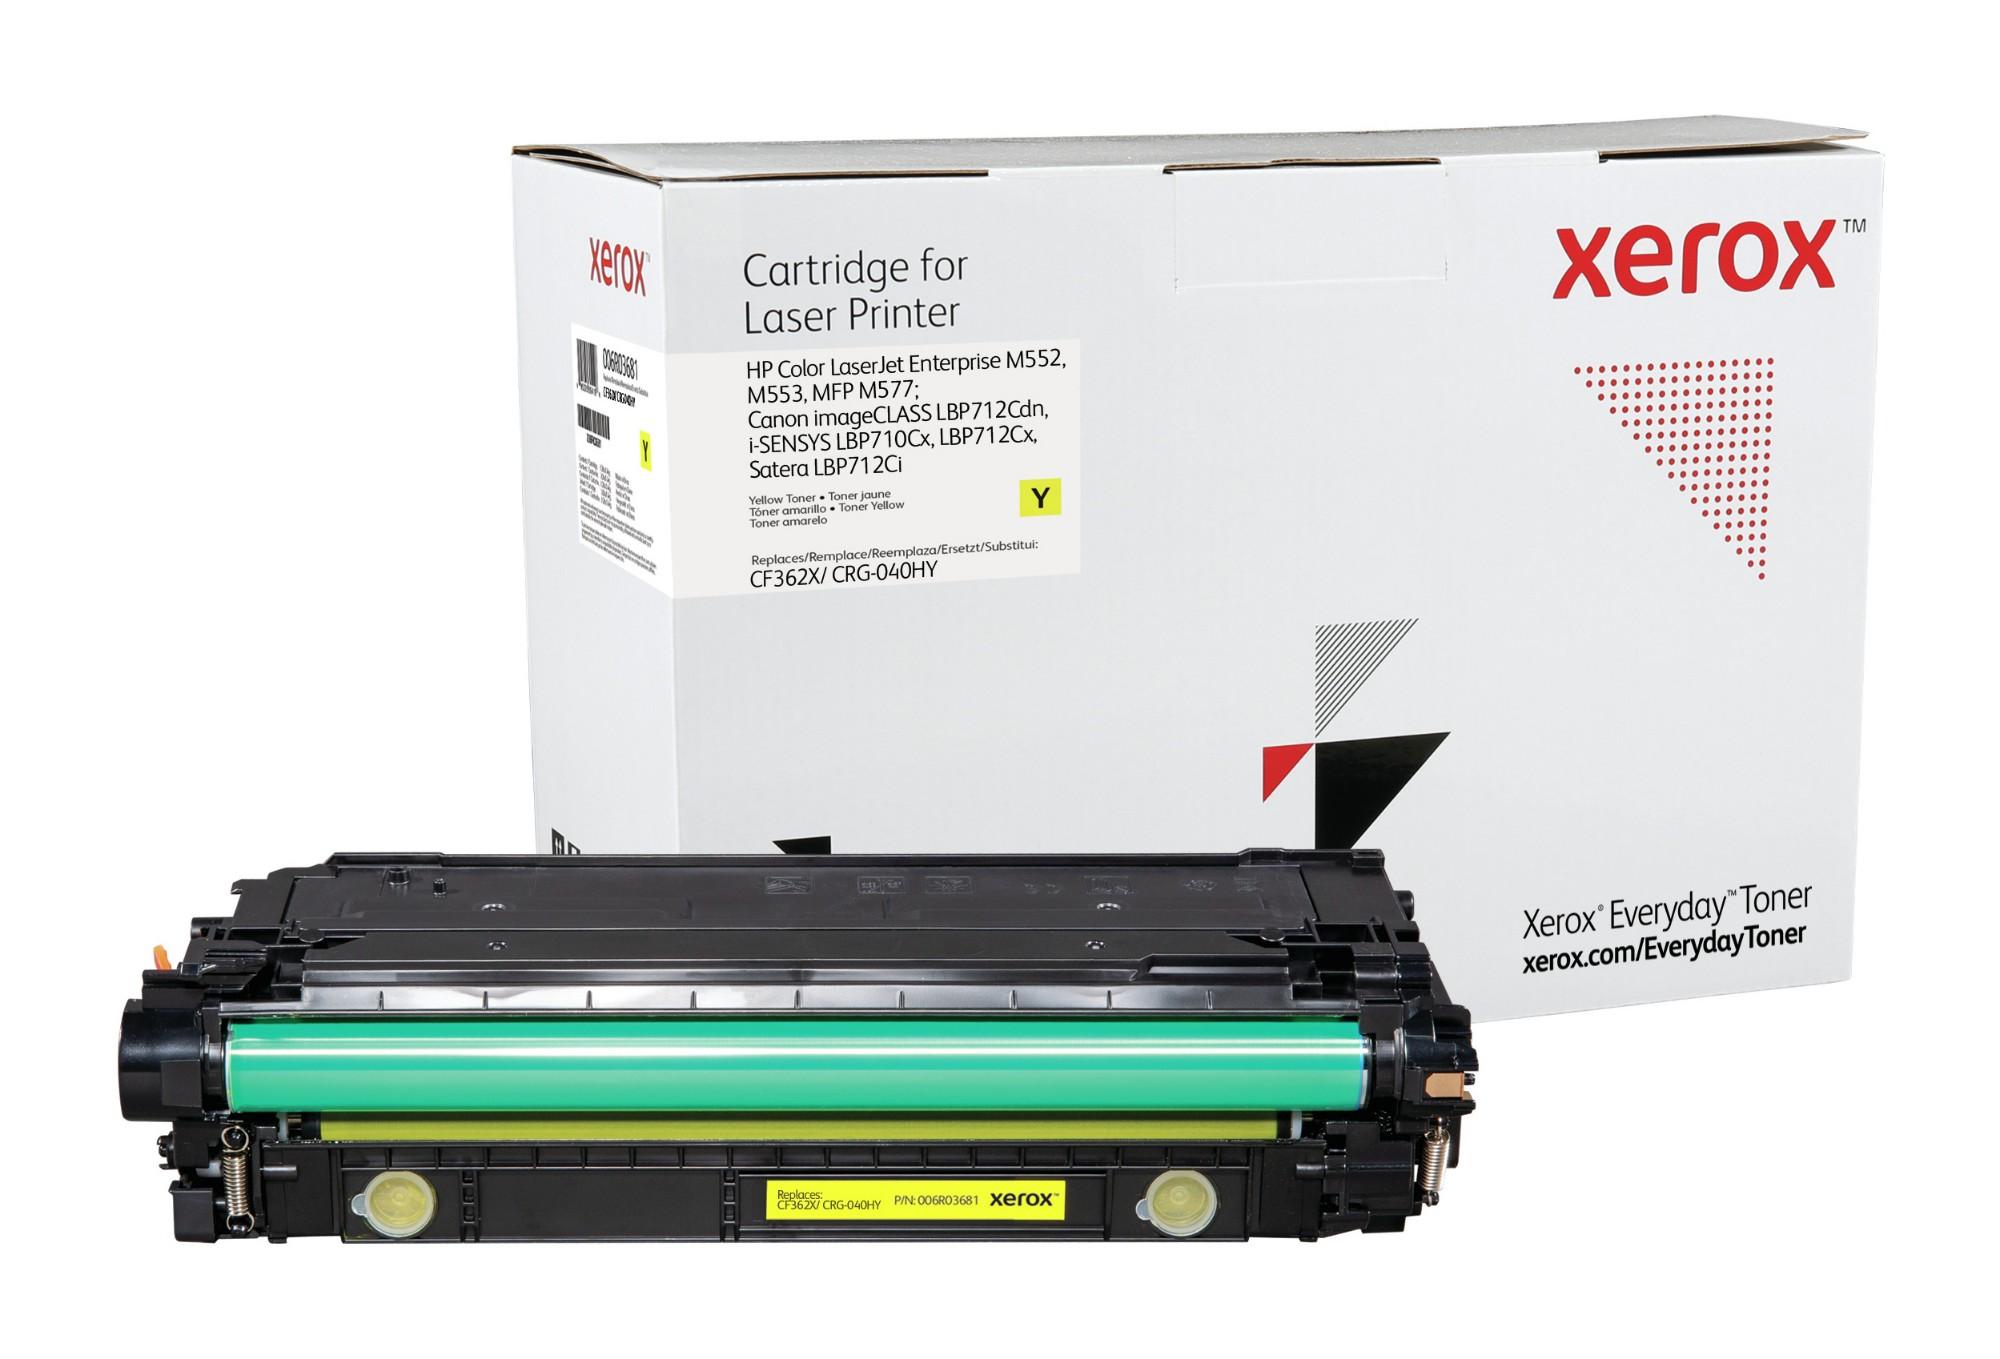 Xerox Tóner de Alto rendimiento Amarillo Everyday, HP CF362X/ CRG-040HY equivalente de , 9500 páginas